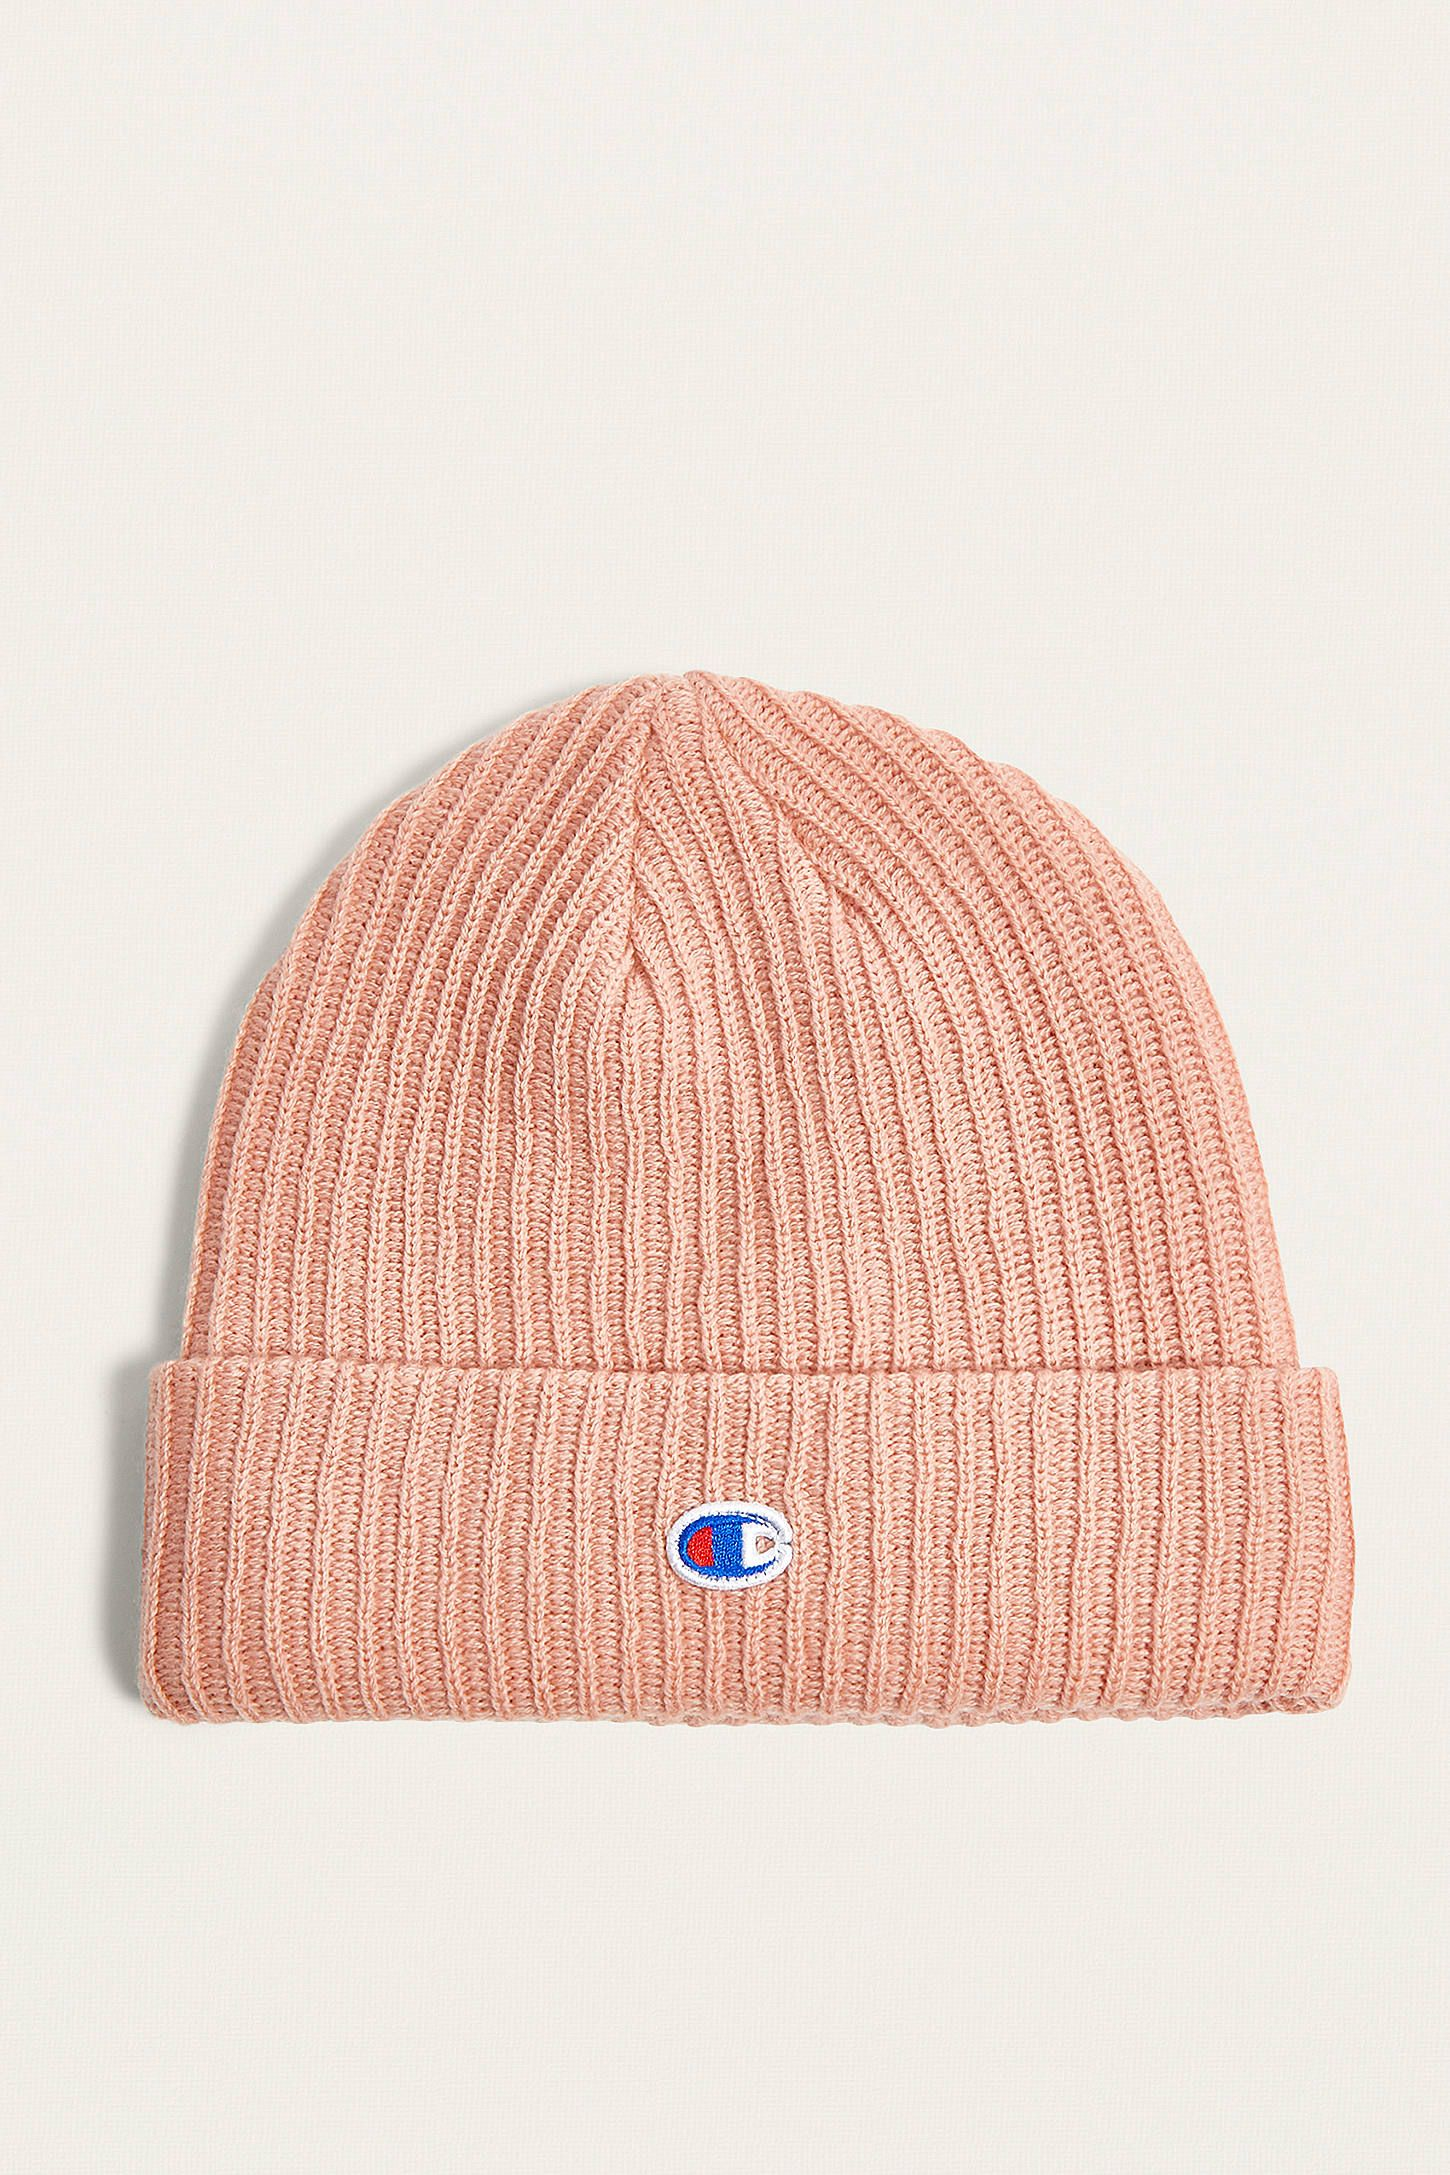 ab4de144fc792 Achetez vite Champion - Bonnet rose avec logo sur Urban Outfitters.  Choisissez parmi les derniers modèles de marque en différents coloris dans  les ...